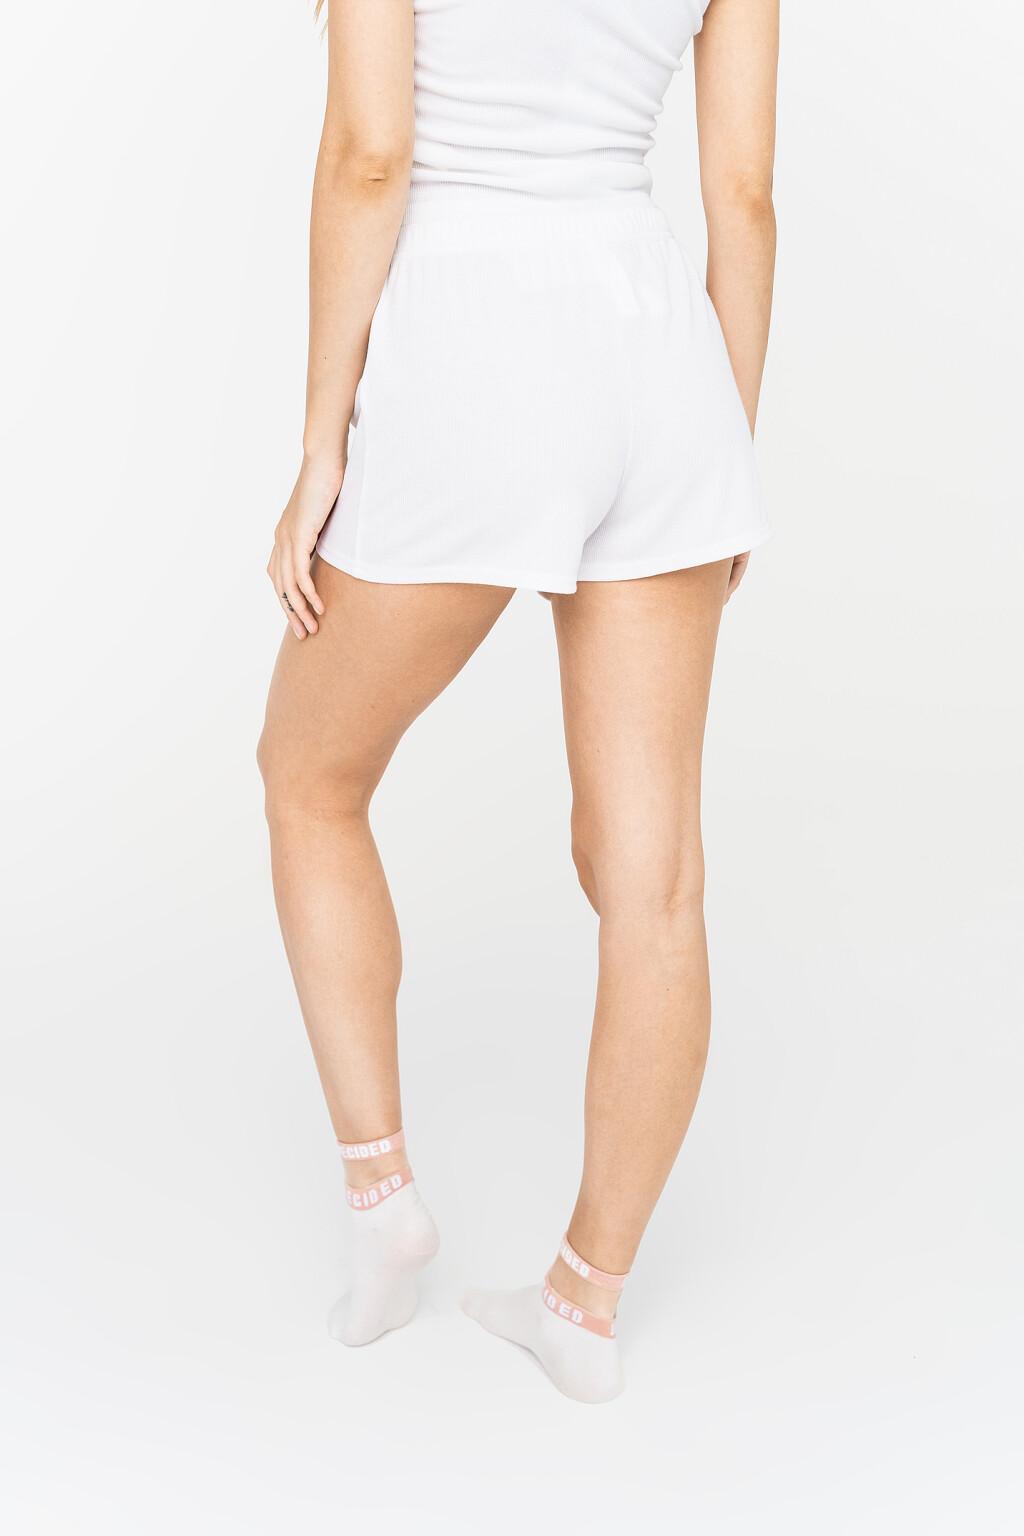 шорты спортивные женские